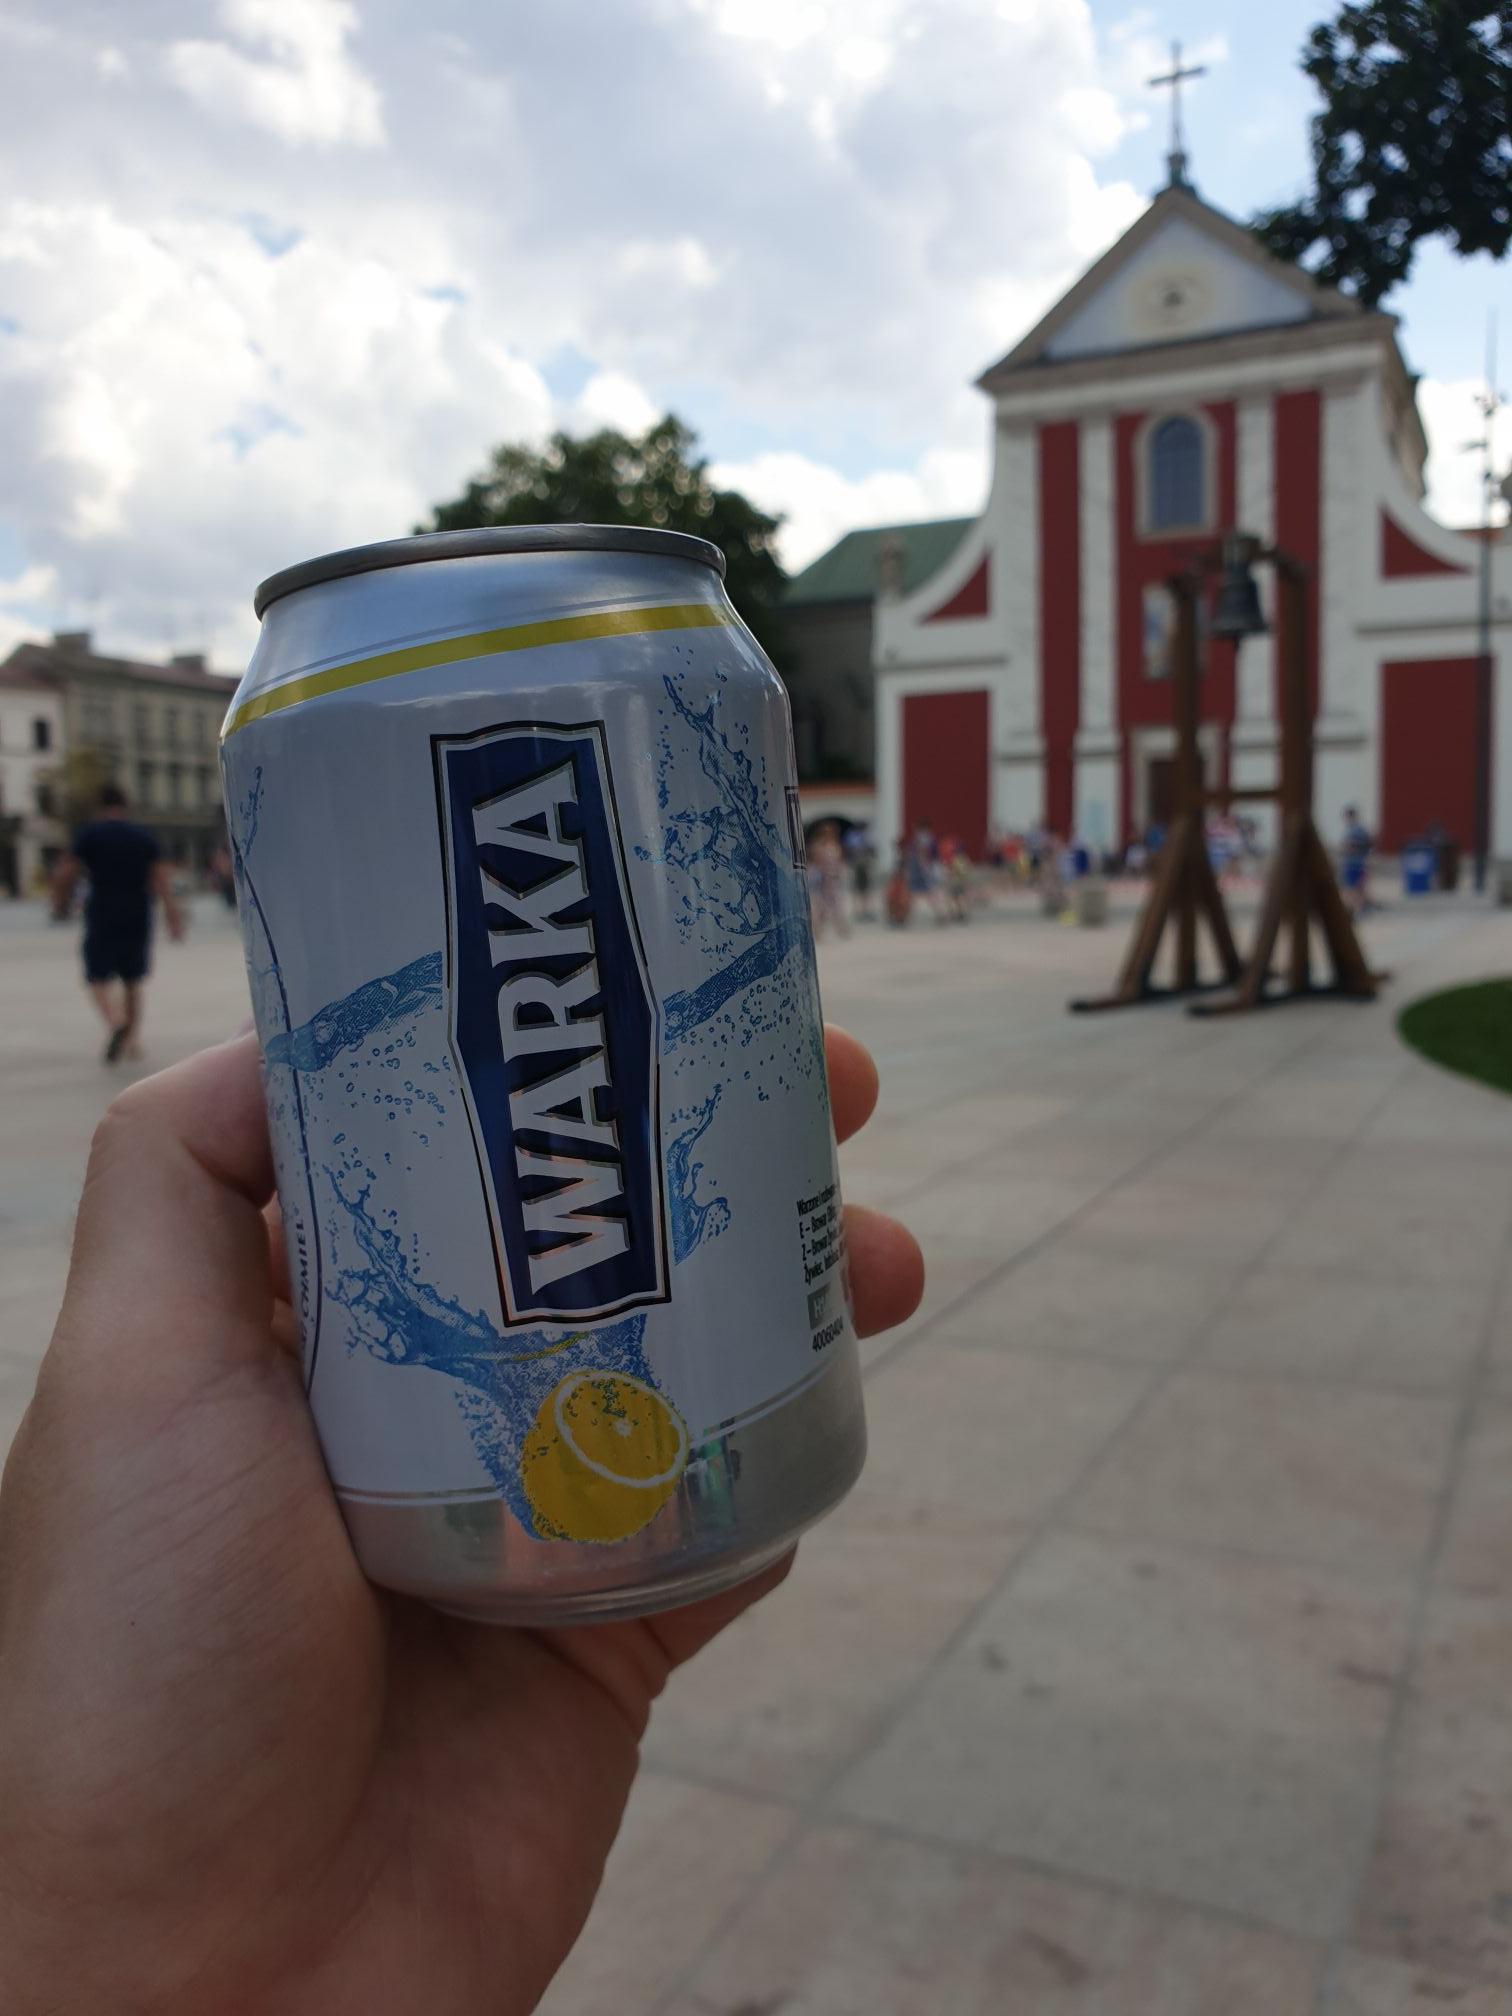 Warka Radler 0% darmowa. Lublin Plac Litewski